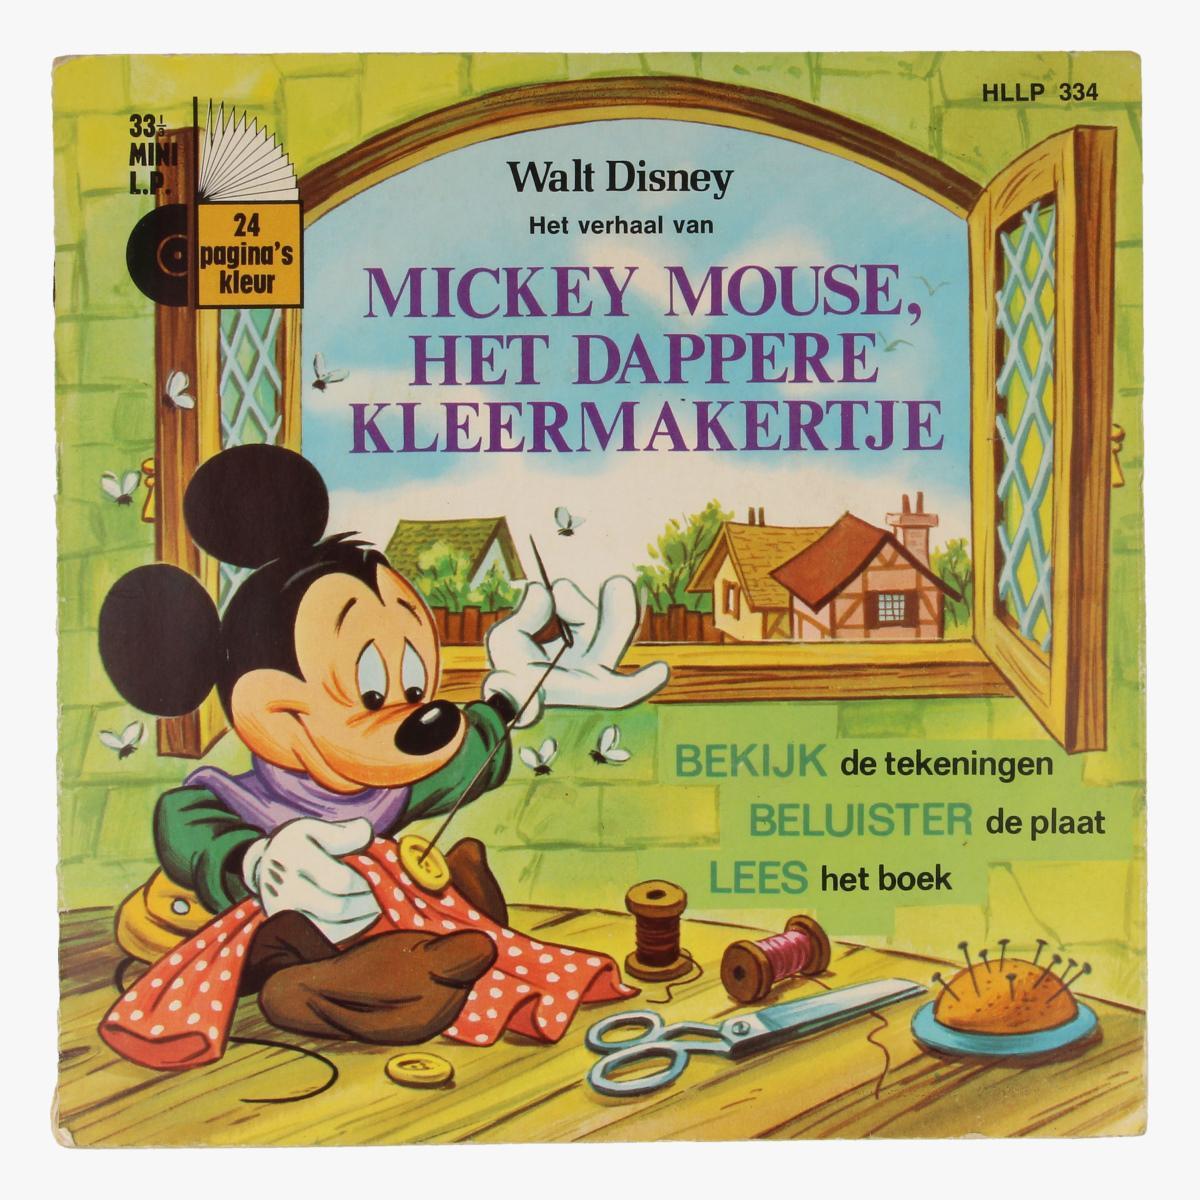 Afbeeldingen van Mini Lp Walt Disney Mickey Mouse, het Dappere kleermakertje